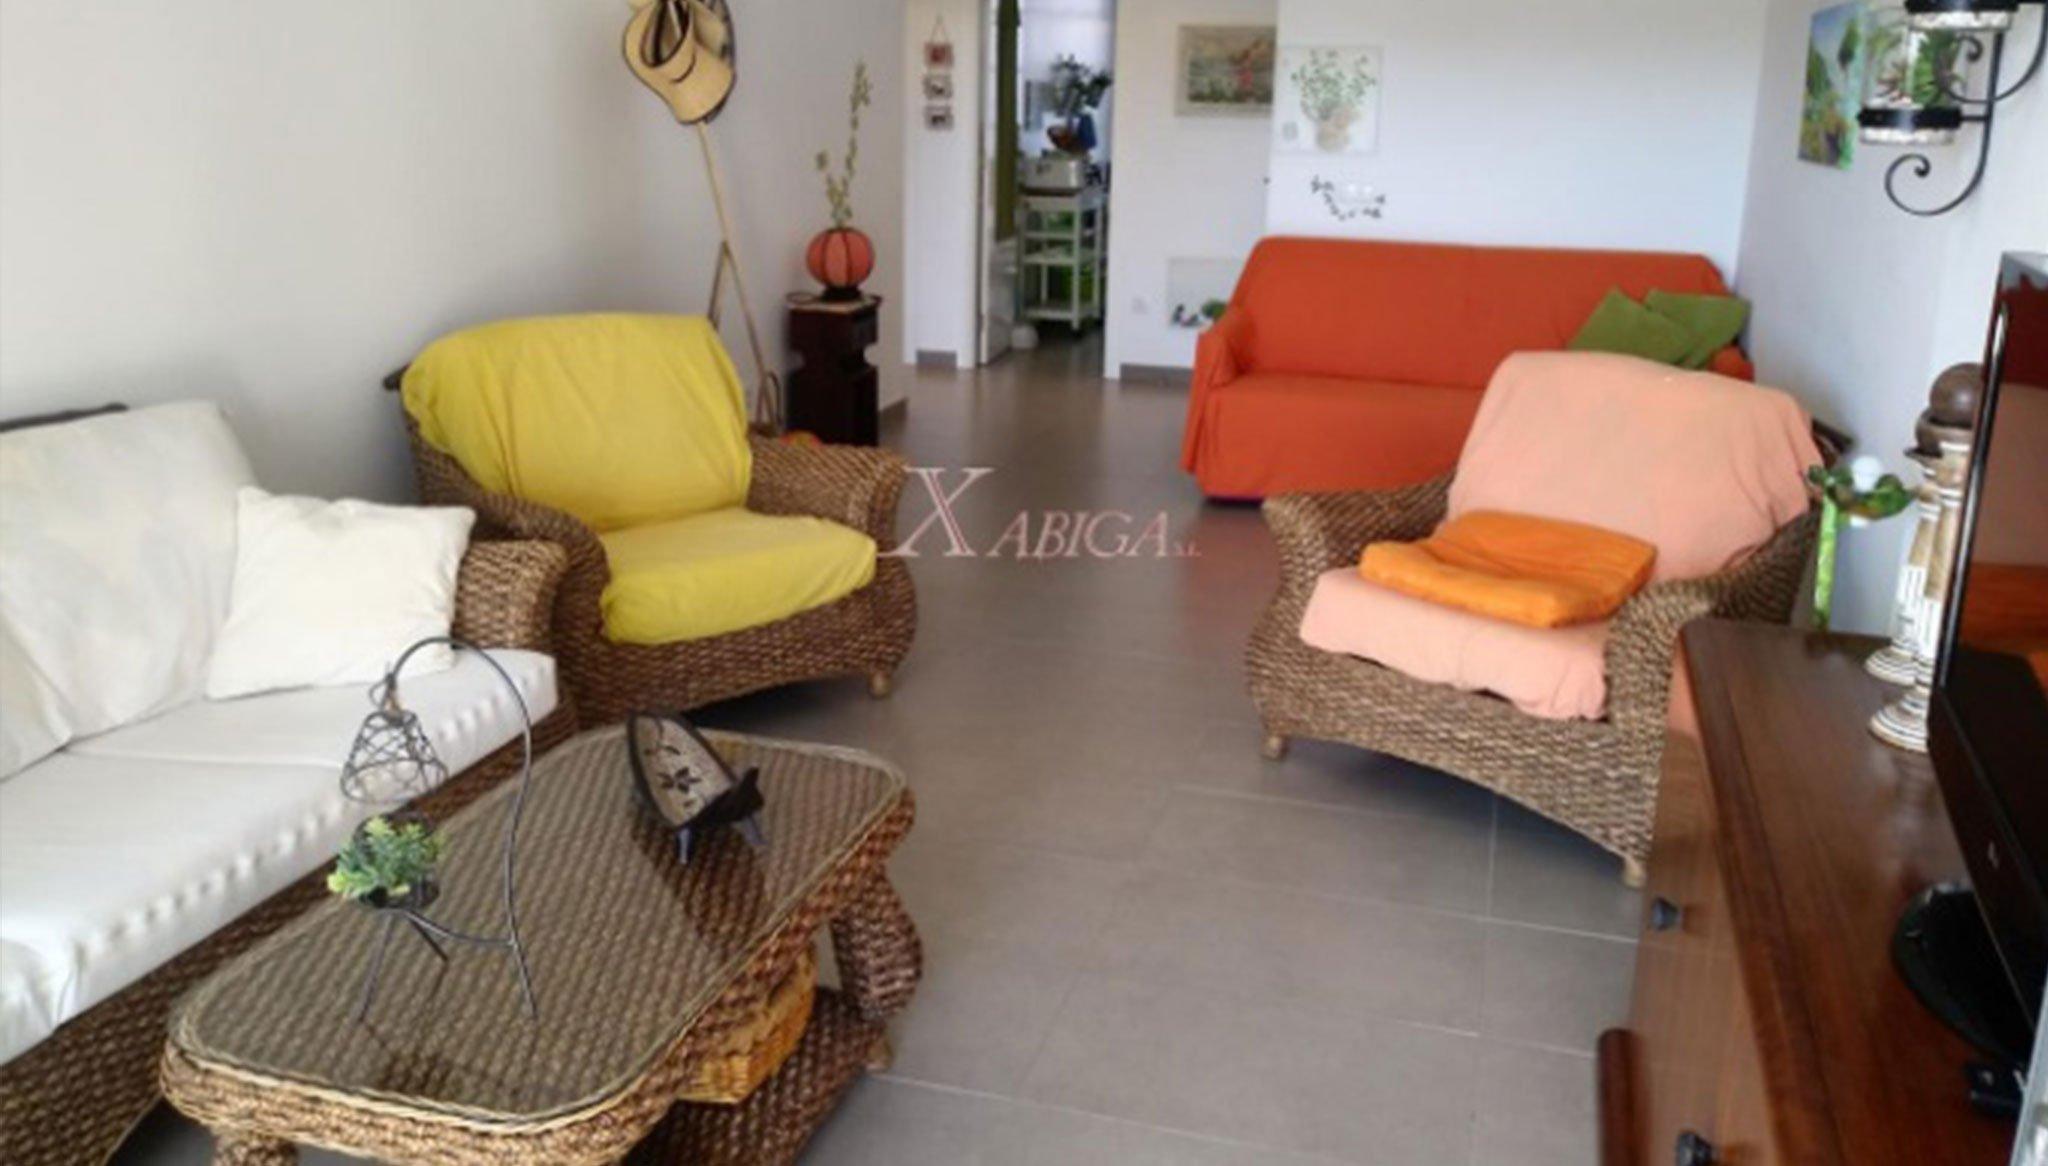 Salón en un apartamento en venta en Jávea – Xabiga Inmobiliaria